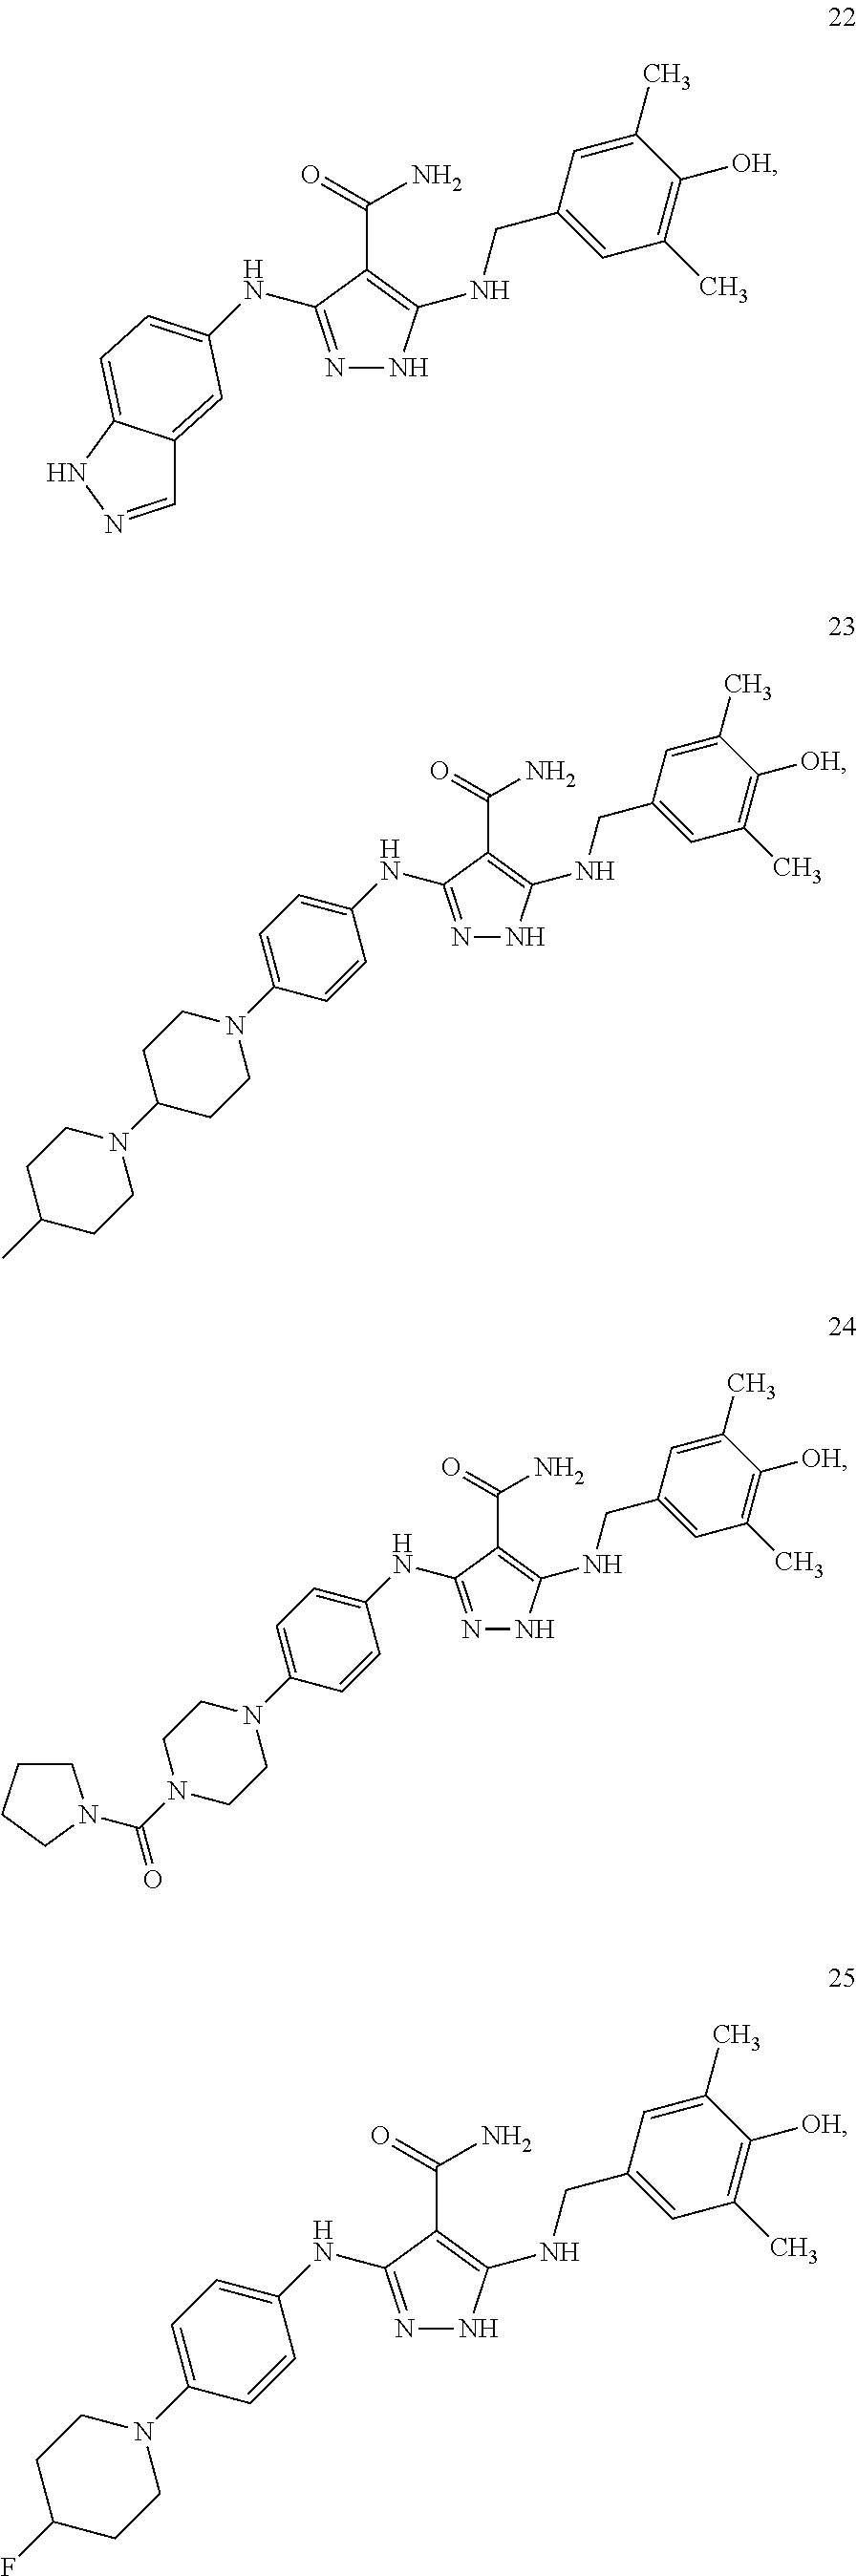 Figure US09730914-20170815-C00020